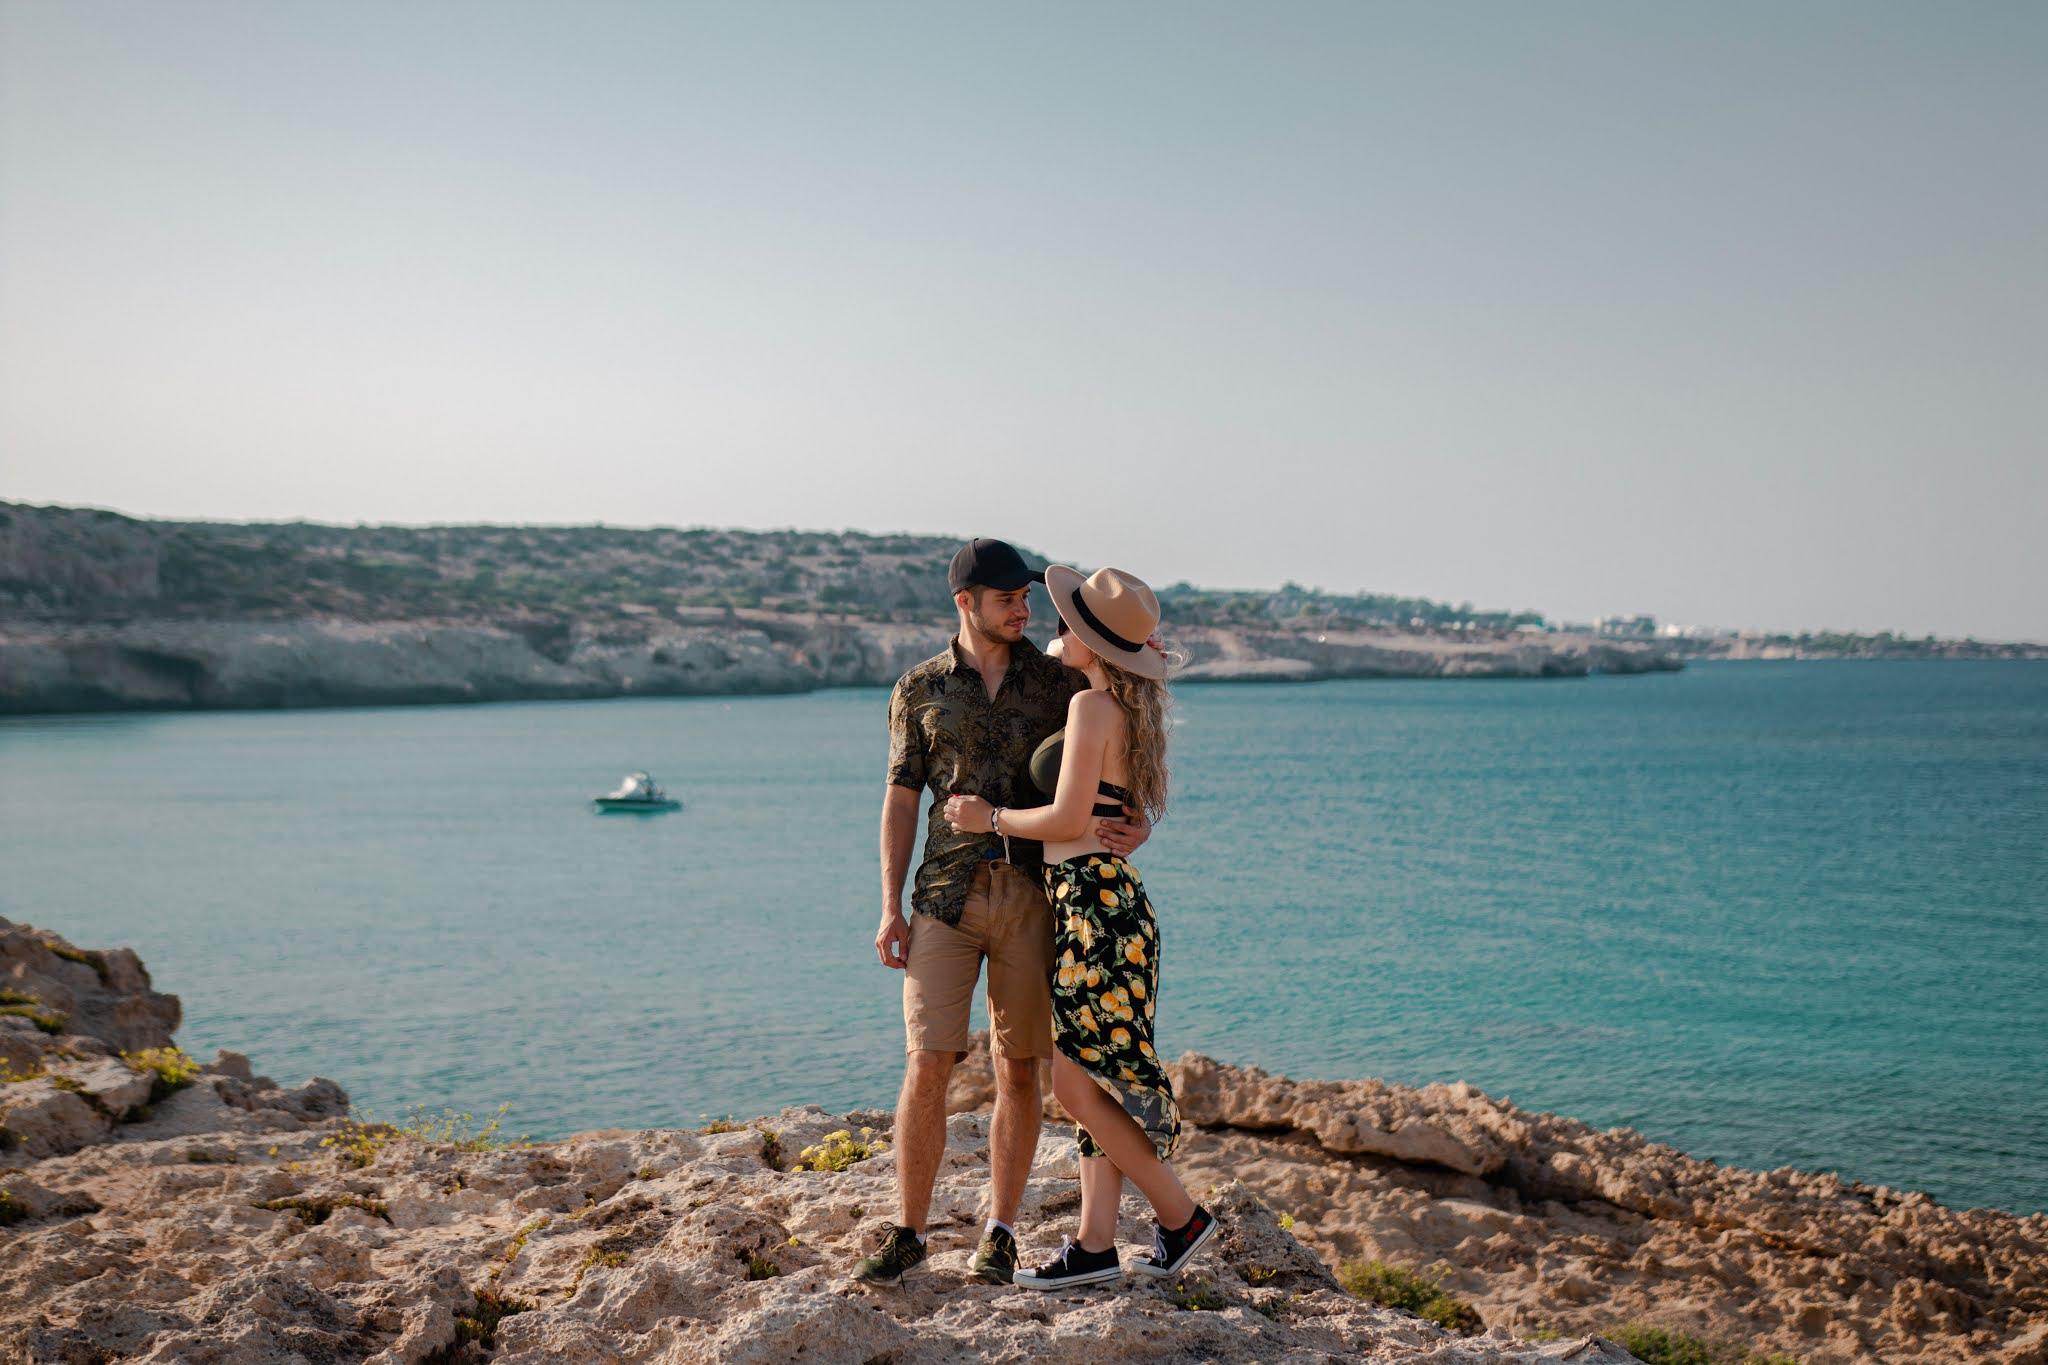 Cape Greco przylądek na Cyprze, atrakcje Cypru